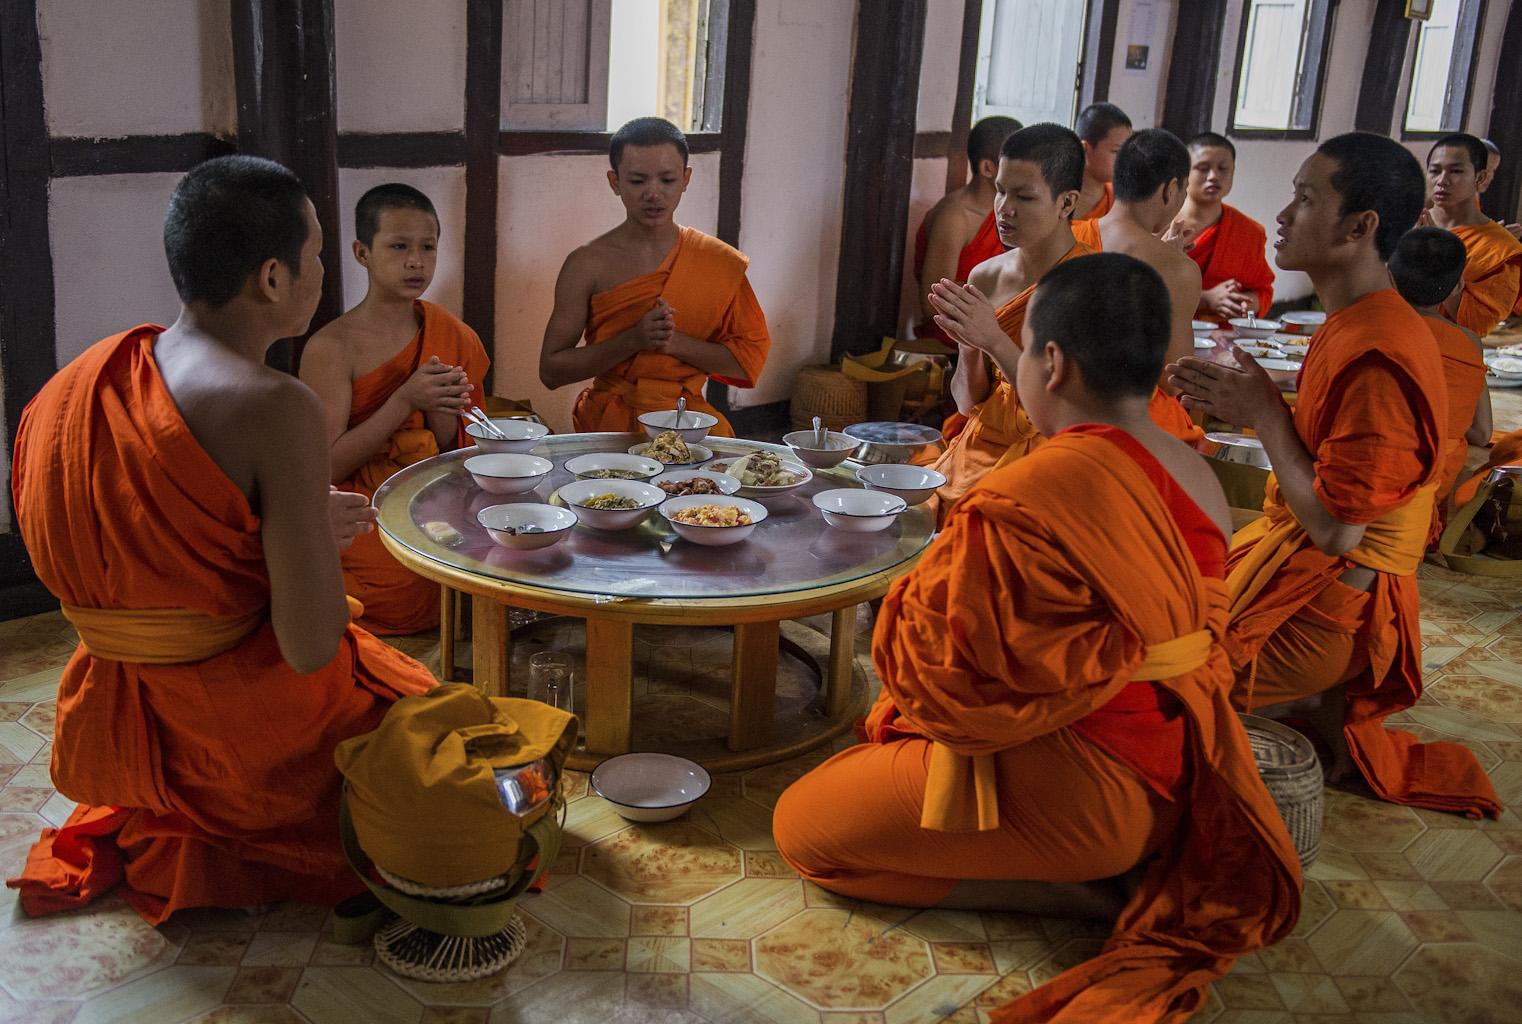 Monks_Temple531_